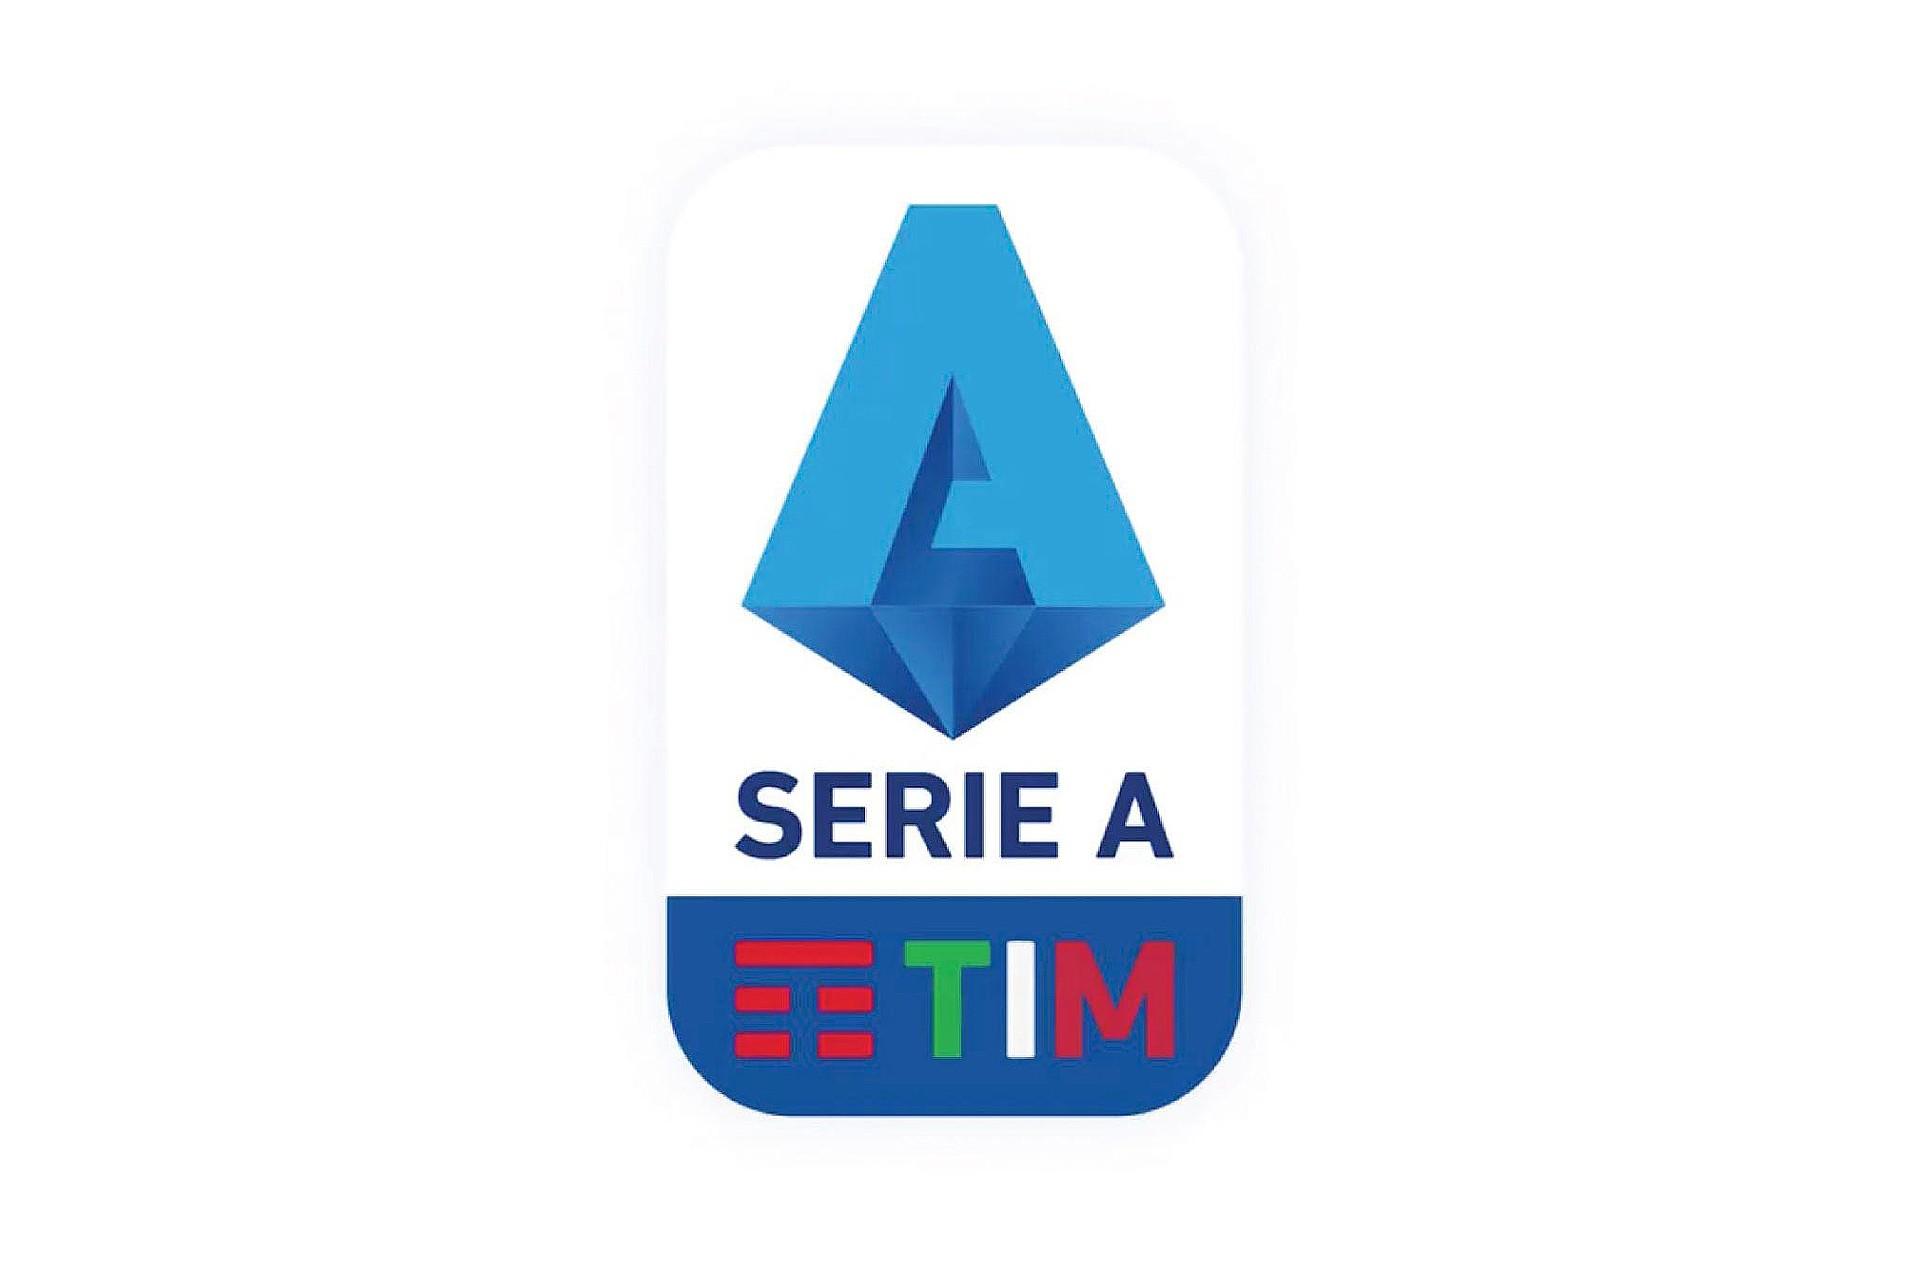 İtalya'nın en üst futbol ligi olan Serie A'nın logosu.